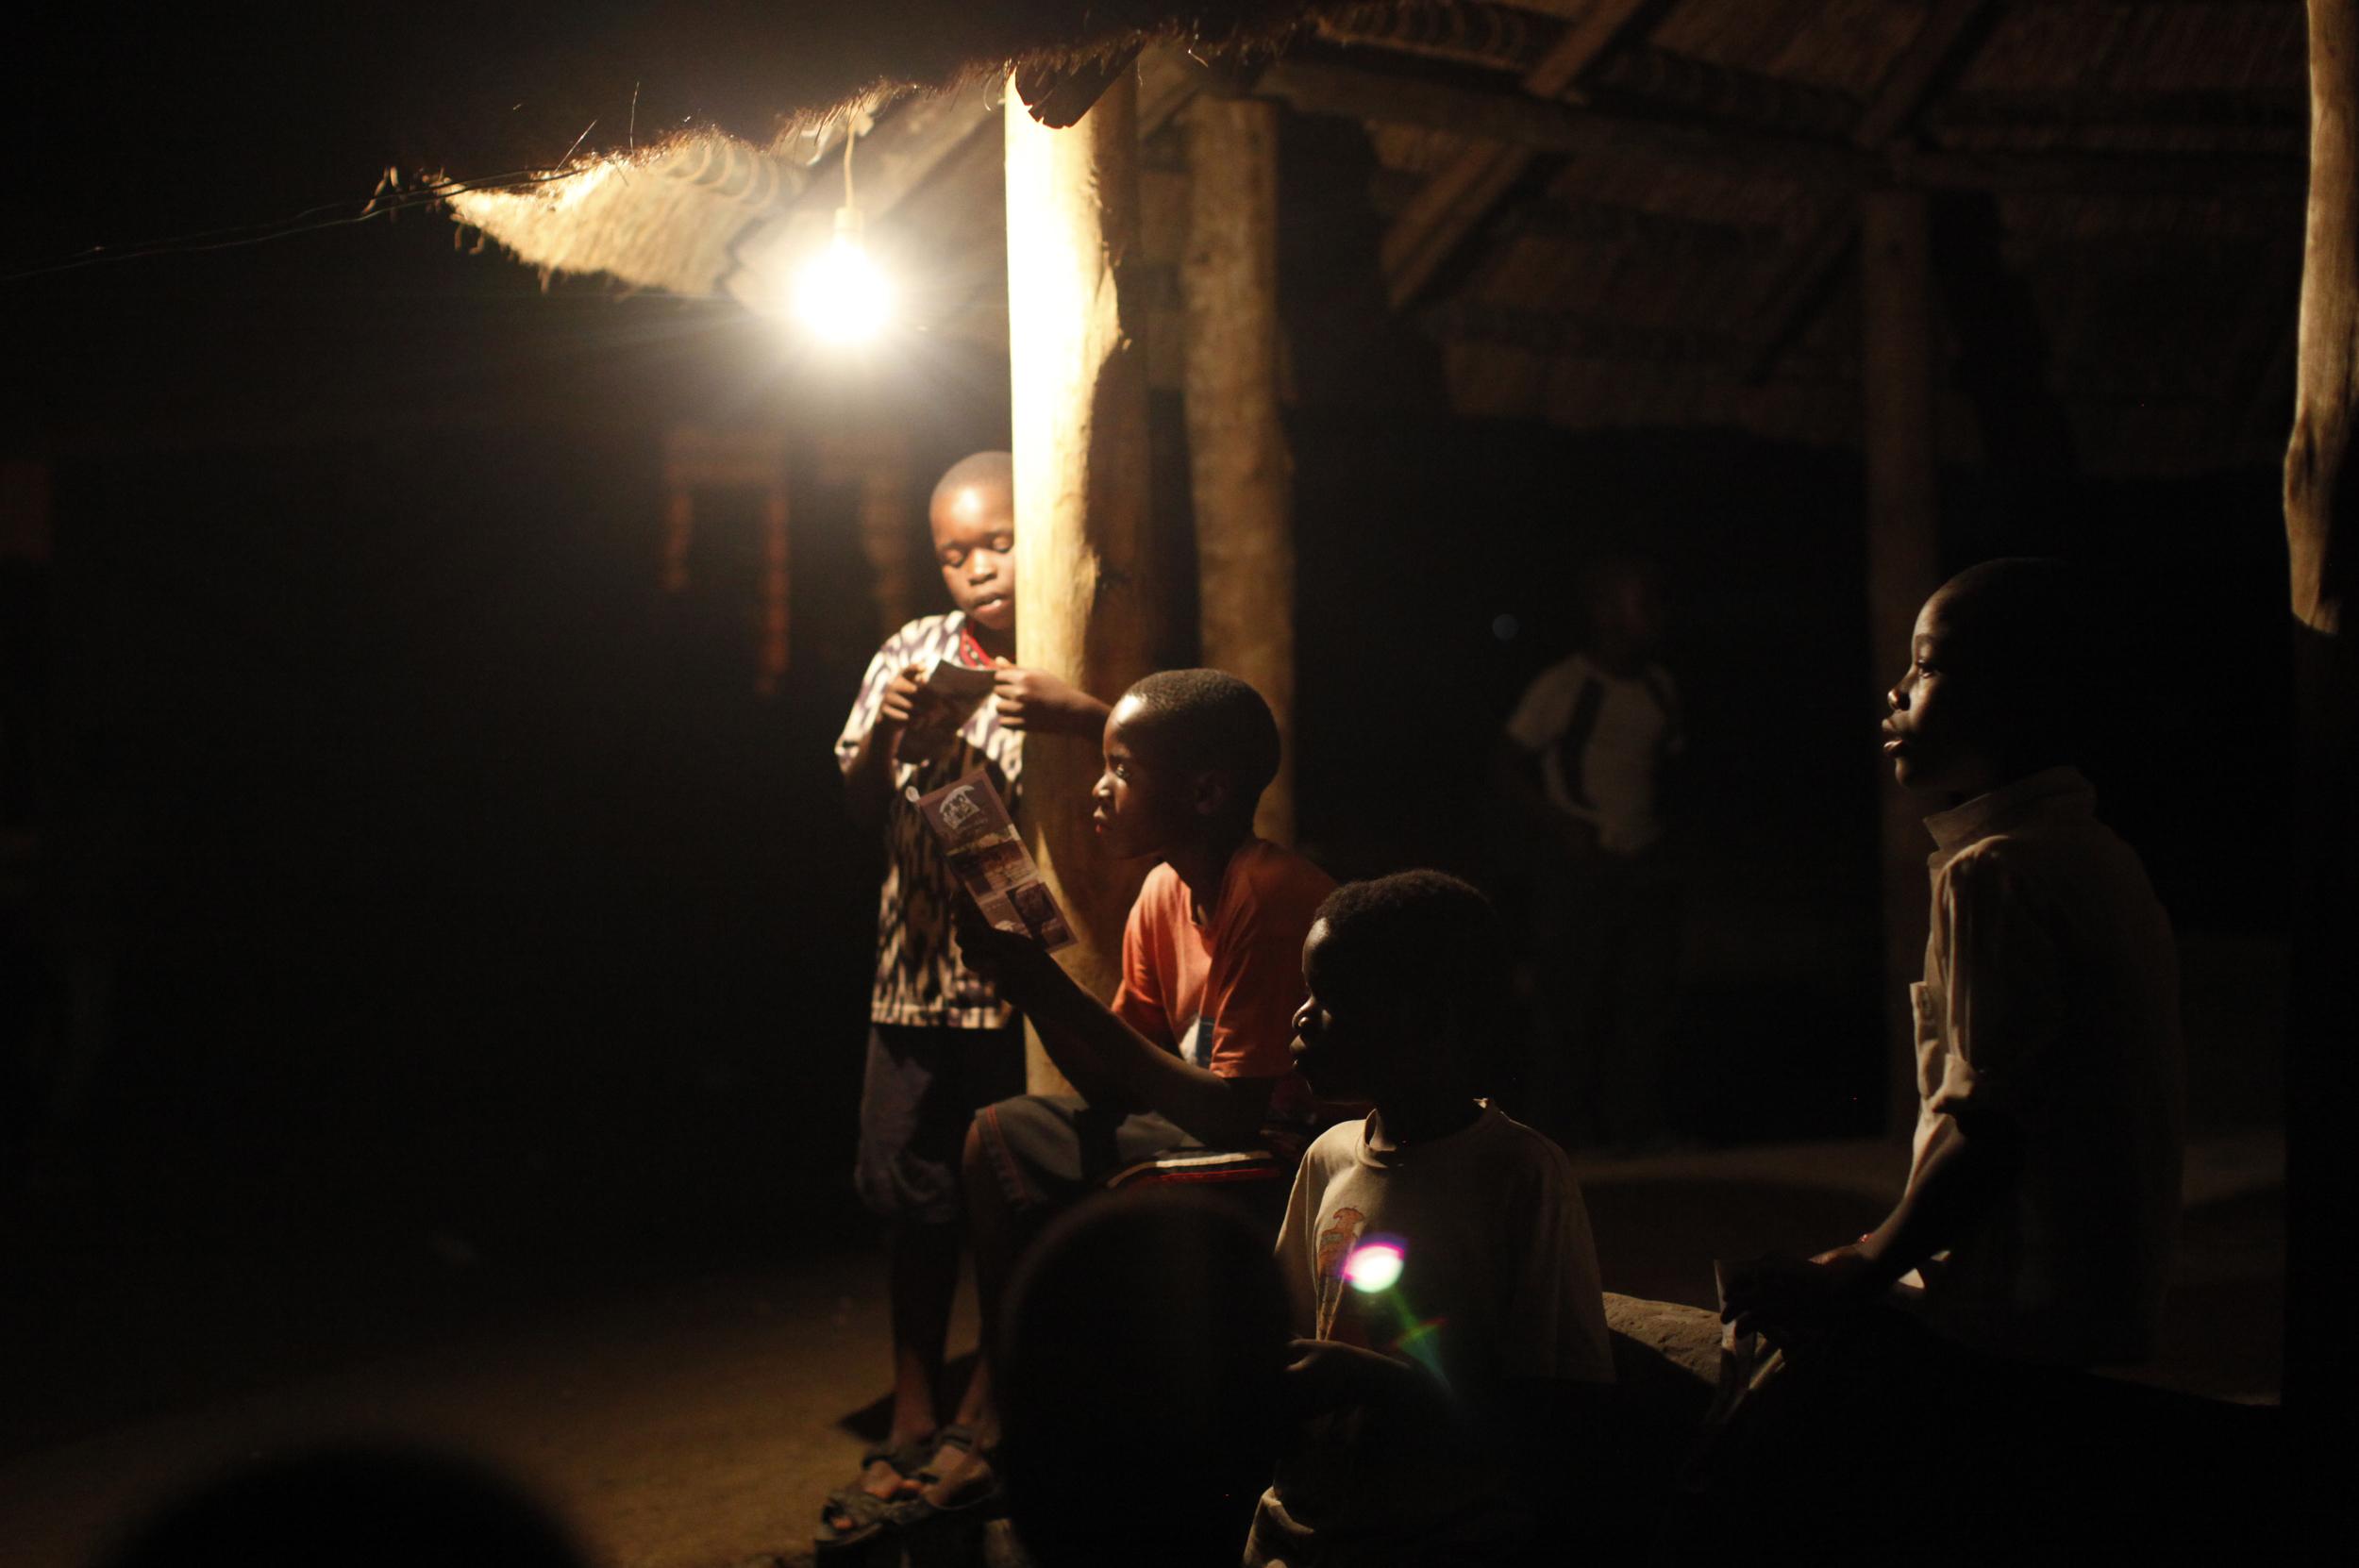 ngwerere-o-night-scene2.jpg